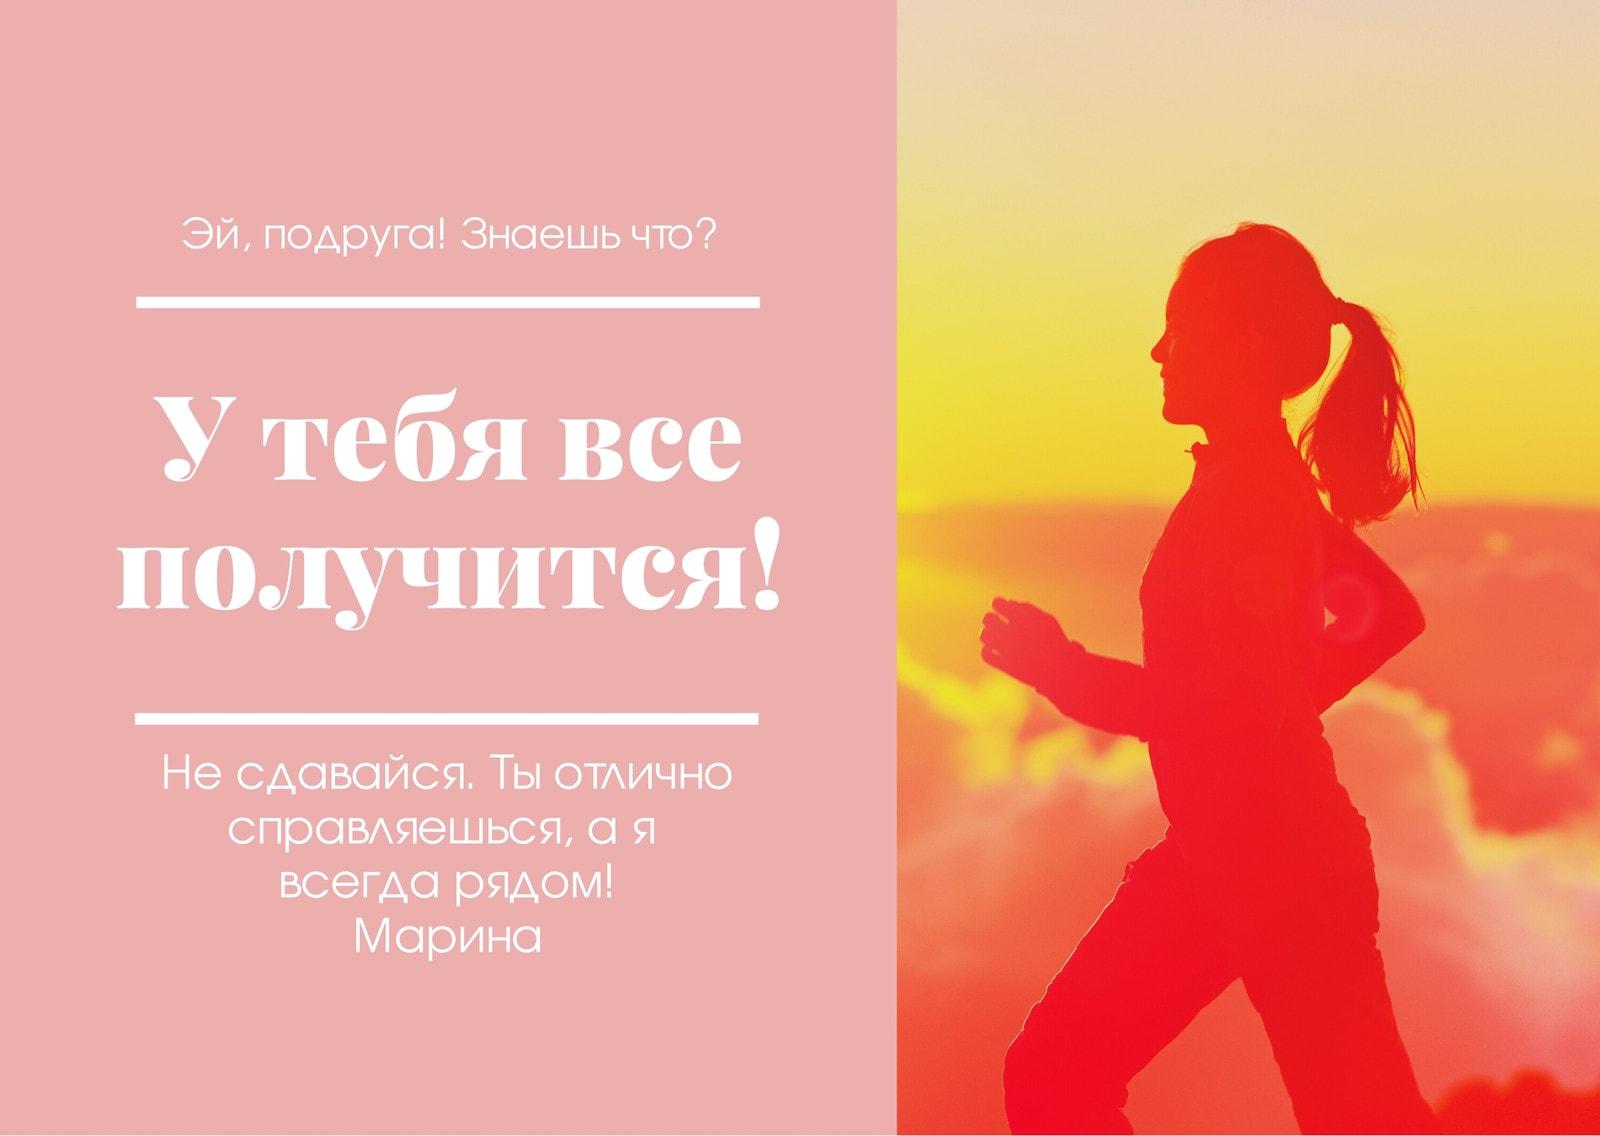 Розовый Простой Бег Фотография Воодушевляющая Открытка